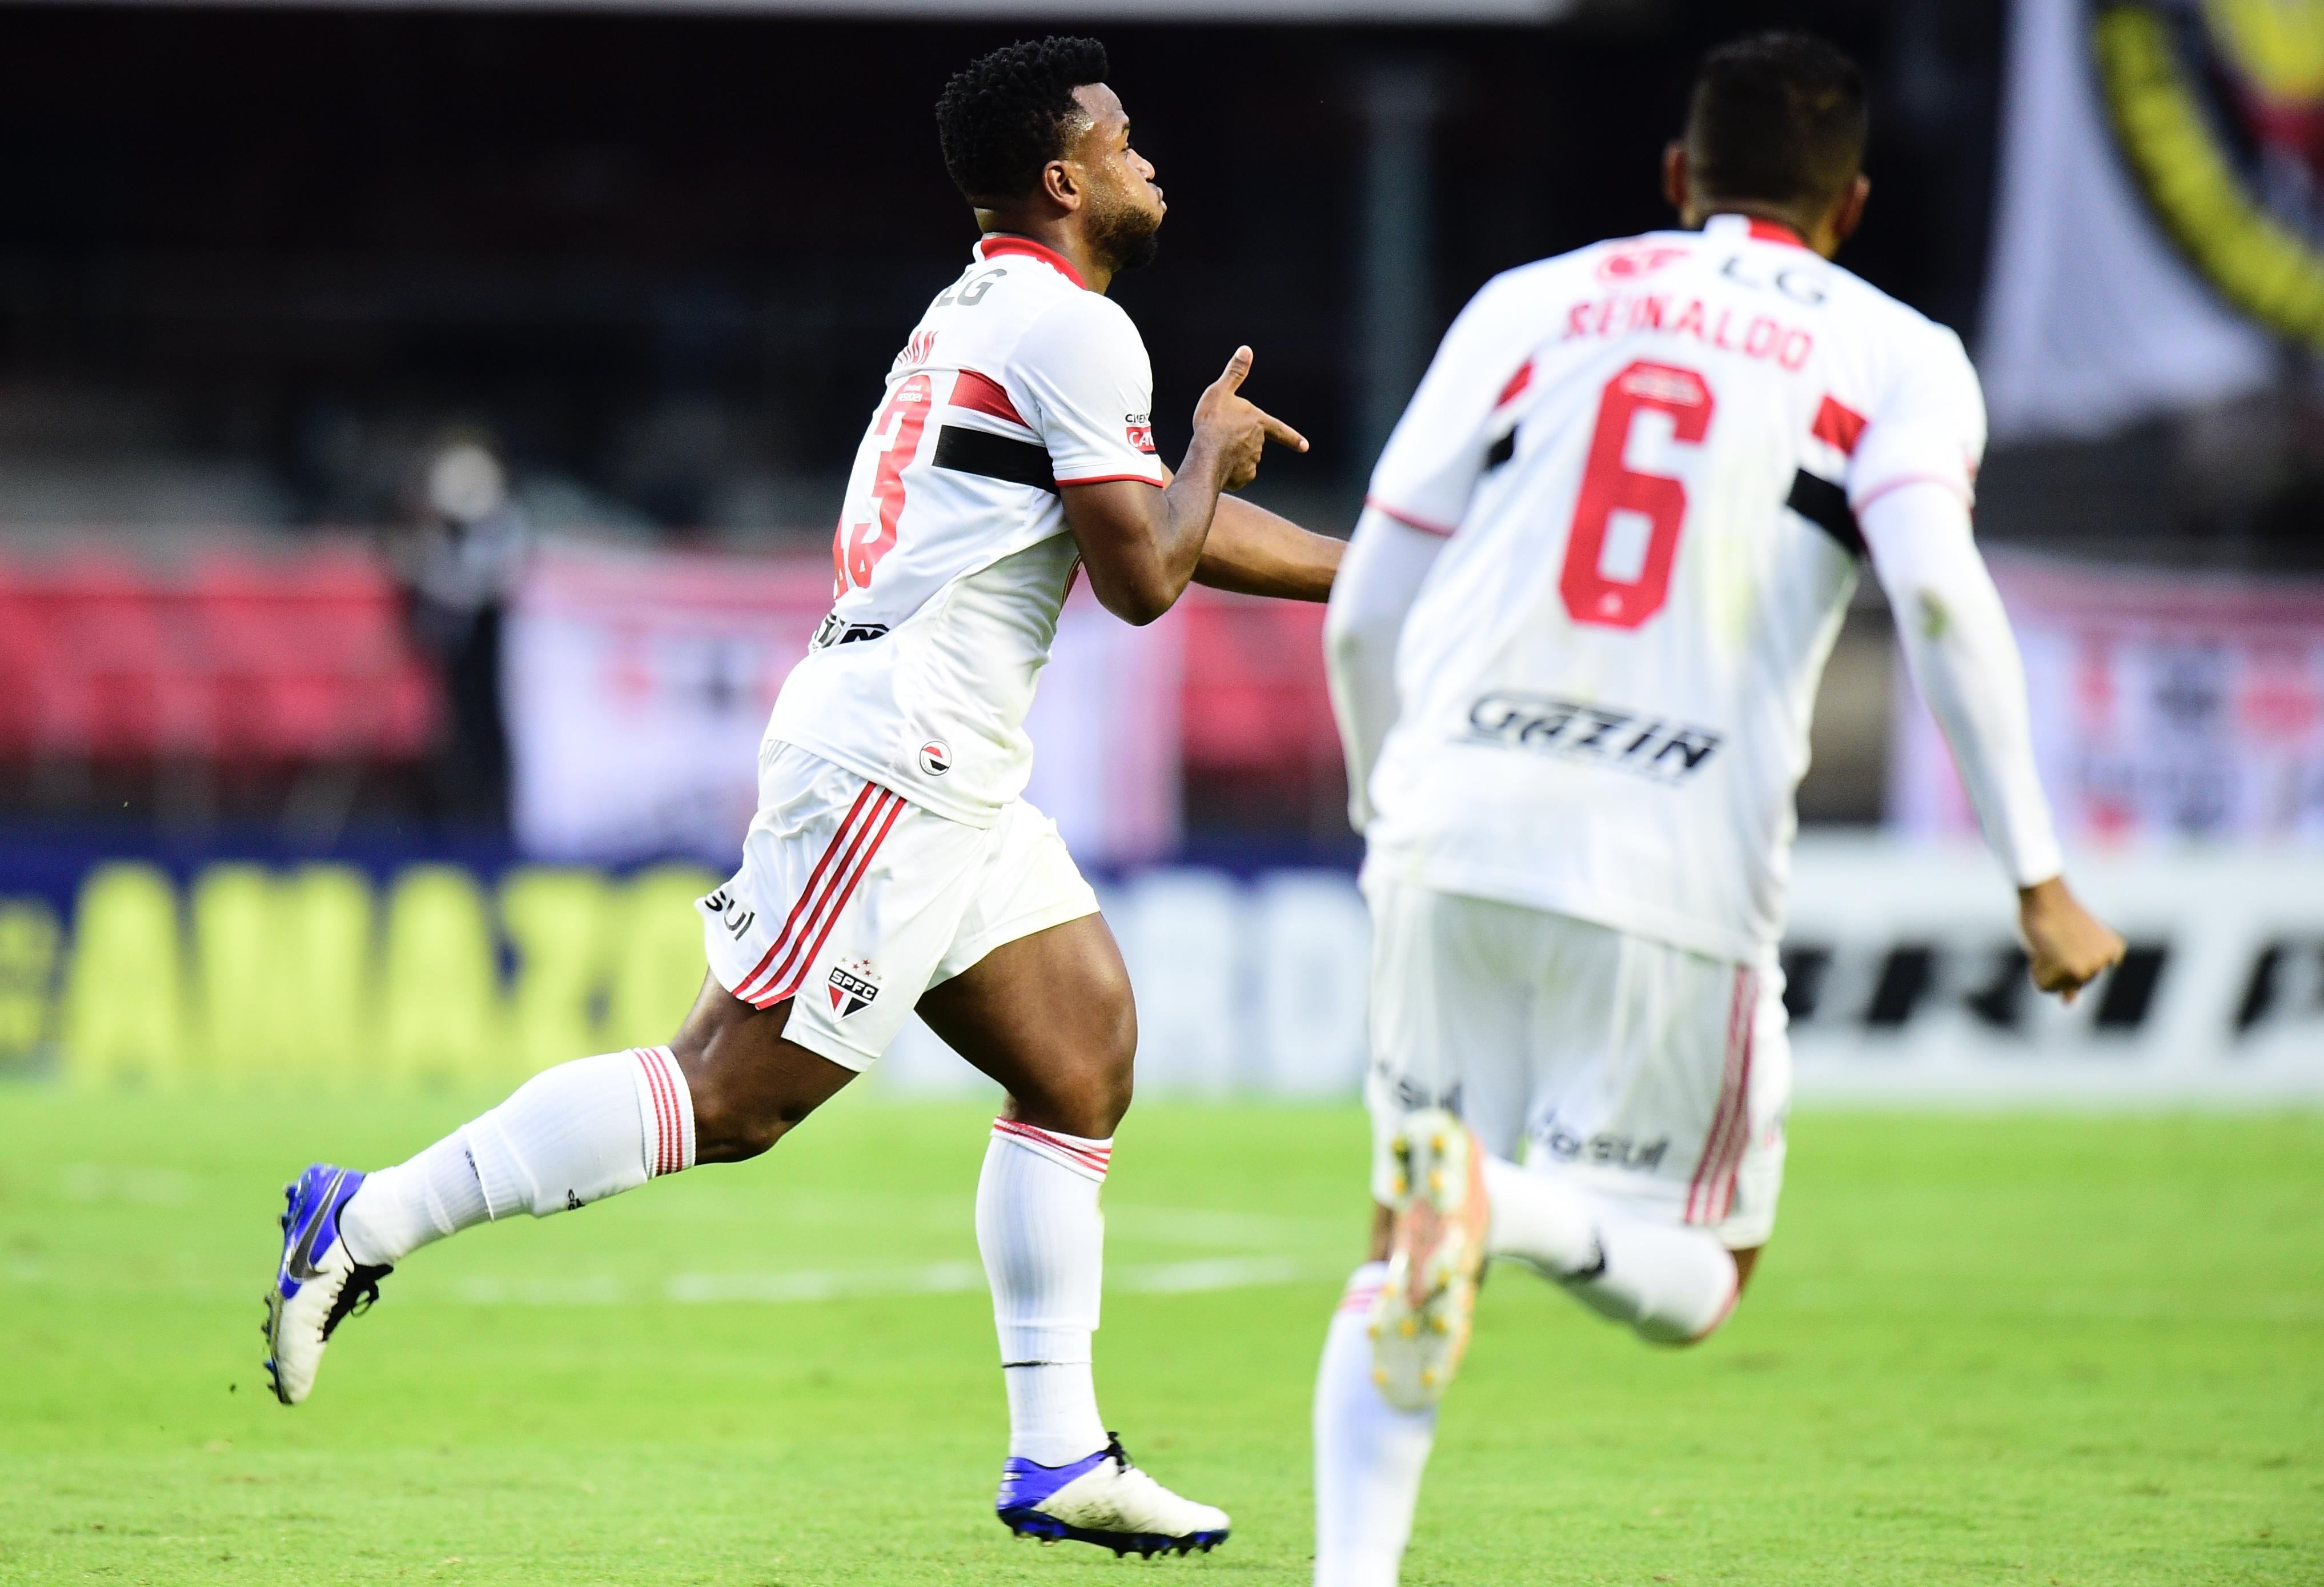 A imagem mostra Luan seguido de Reinaldo comemorando gol no gramado do Morumbi.